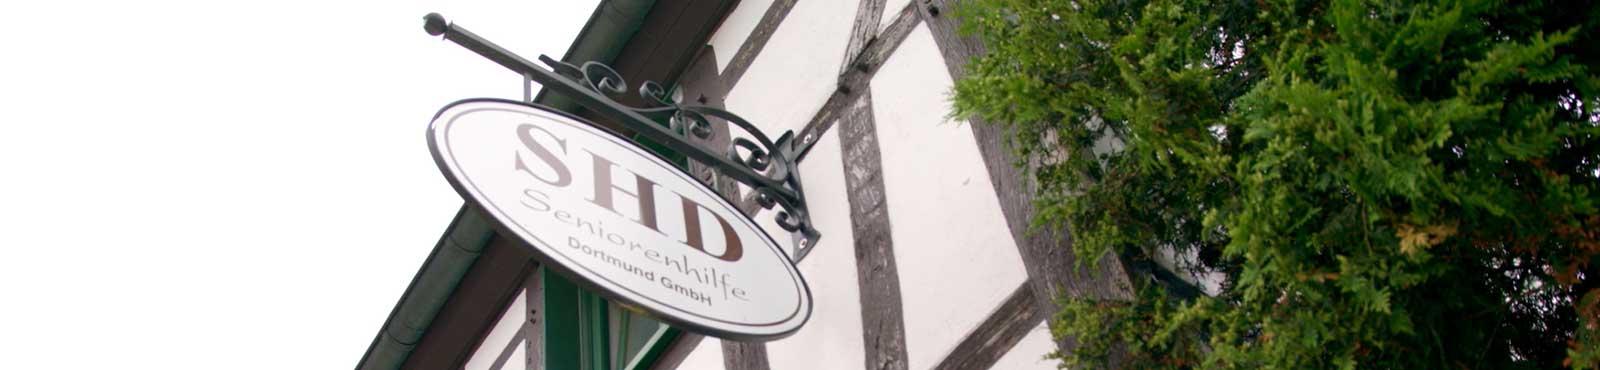 MeinBüro im Einsatz bei der Seniorenhilfe Dortmund GmbH